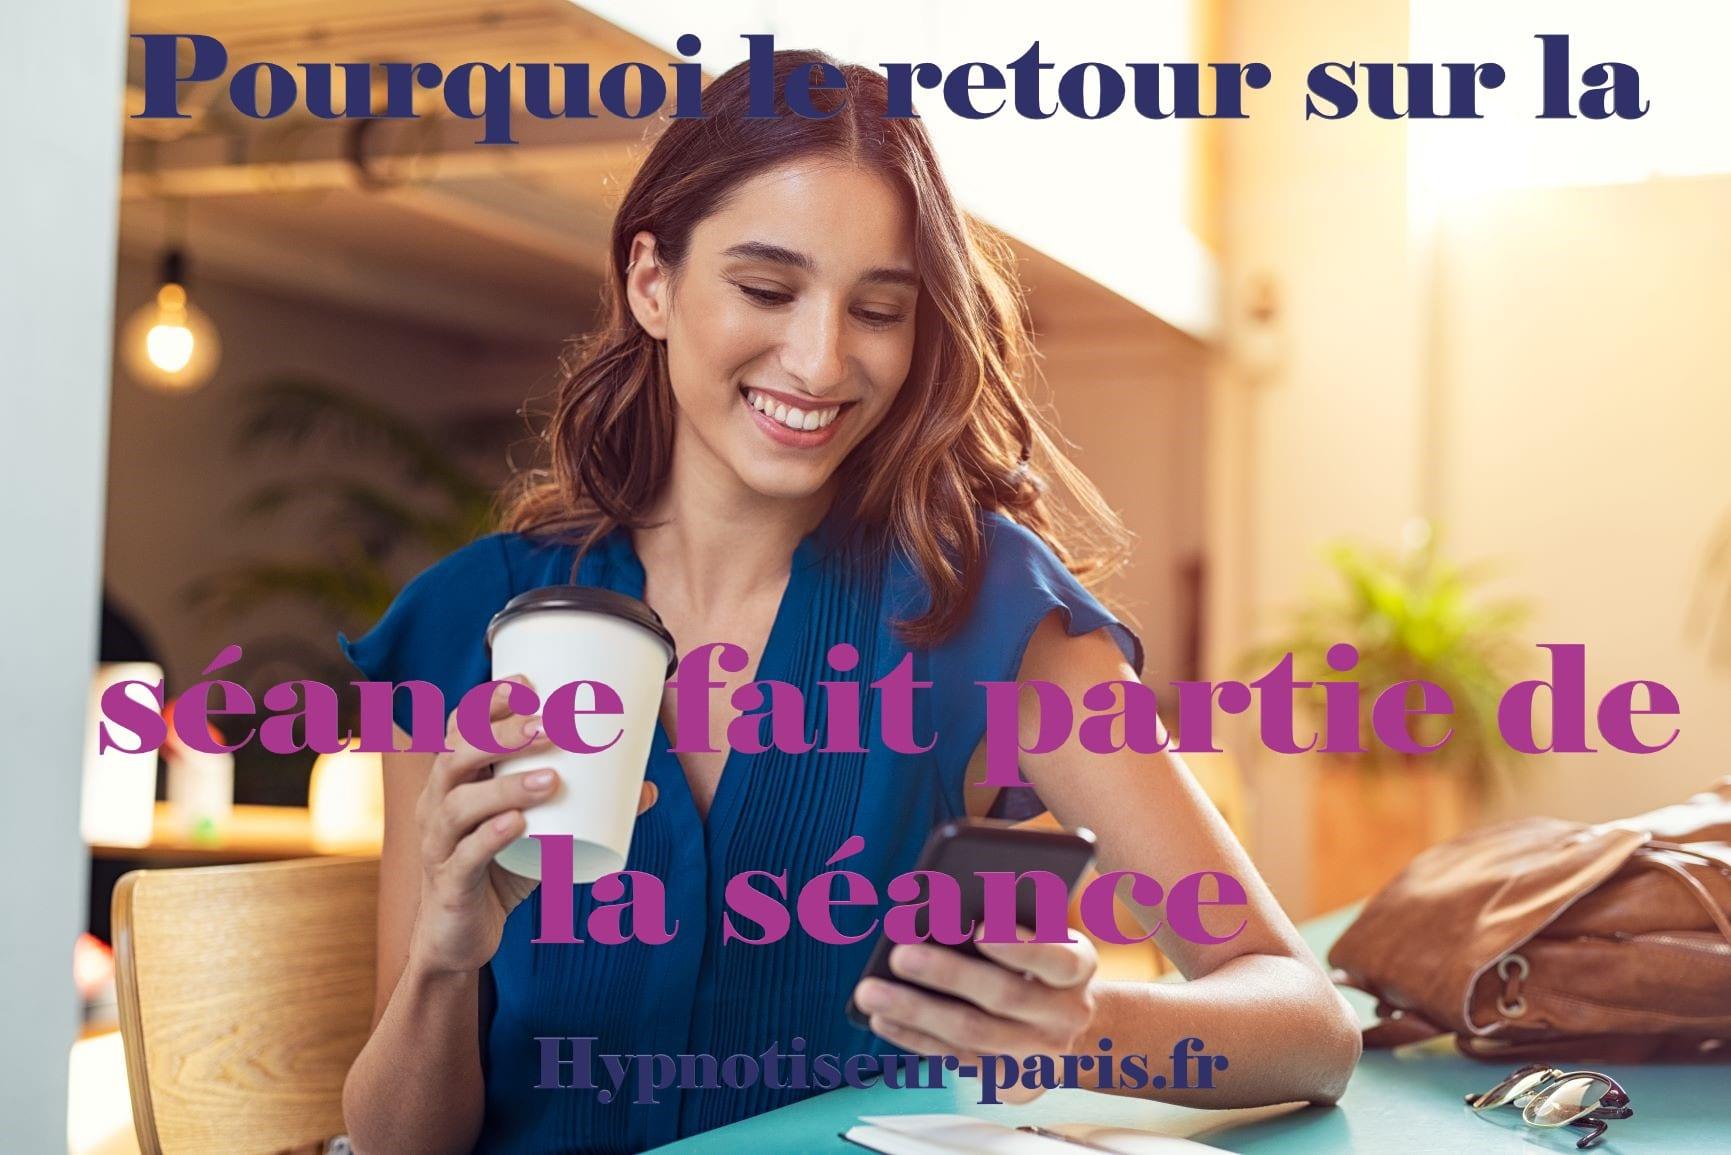 Avis Stress Bourg-la-reine - Pourquoi un retour est tres important apres la seance 2 - Shaff Ben Amar Hypnose Hypnose et hypnothérapie à L'Haÿ-les-Roses (94240) , Hypnose et hypnothérapie à Cachan (94230 ) , Hypnose et hypnothérapie à Arcueil (94110 ), Hypnose et hypnothérapie à Bagneux (92220 ) , Hypnose et hypnothérapie à Sceaux (92330 ), Hypnose et hypnothérapie à Fontenay-aux-Roses (92260 ), Hypnose et hypnothérapie à Chevilly-Larue (94550 ) , Hypnose et hypnothérapie s à Châtillon (92320 ), Hypnose et hypnothérapie à Fresnes (94260 ), Hypnose et hypnothérapie au Plessis-Robinson (92350 ) , Hypnose et hypnothérapie à Montrouge (92120 ) , Hypnose et hypnothérapie à Antony (92160 ), Hypnose et hypnothérapie à Gentilly (94250 ), Hypnose et hypnothérapie à Malakoff (92240 ), Hypnose et hypnothérapie à Villejuif (94800 ) , Hypnose et hypnothérapie à Clamart (92140 ), Hypnose et hypnothérapie à Châtenay-Malabry (92290 ), Hypnose et hypnothérapie à Rungis (94150 ) , Hypnose et hypnothérapie au Kremlin-Bicêtre (94270), Hypnose et hypnothérapie à Paris (75), Hypnose et hypnothérapie en Île de France , Hypnose et hypnothérapie à Paris (75000) , Hypnose et hypnothérapie à Boulogne-Billancourt (92100) , Hypnose et hypnothérapie à Saint-Denis (93200) , Hypnose et hypnothérapie à Argenteuil (95100) , Hypnose et hypnothérapie à Montreuil (93100) , Hypnose et hypnothérapie à Créteil (94000) , Hypnose et hypnothérapie à Nanterre (92000) , Hypnose et hypnothérapie à Courbevoie (92400) , Hypnose et hypnothérapie à Versailles (78000) , Hypnose et hypnothérapie à Vitry-sur-Seine (94400) , Hypnose et hypnothérapie à Colombes (92700) , Hypnose et hypnothérapie à Asnières-sur-Seine (92600) , Hypnose et hypnothérapie à Aulnay-sous-Bois (93600) , Hypnose et hypnothérapie à Rueil-Malmaison (92500) , Hypnose et hypnothérapie à Aubervilliers (93300) , Hypnose et hypnothérapie à Champigny-sur-Marne (94500) , Hypnose et hypnothérapie à Saint-Maur-des-Fossés (94100) , Hypnose et hypnothérapie 